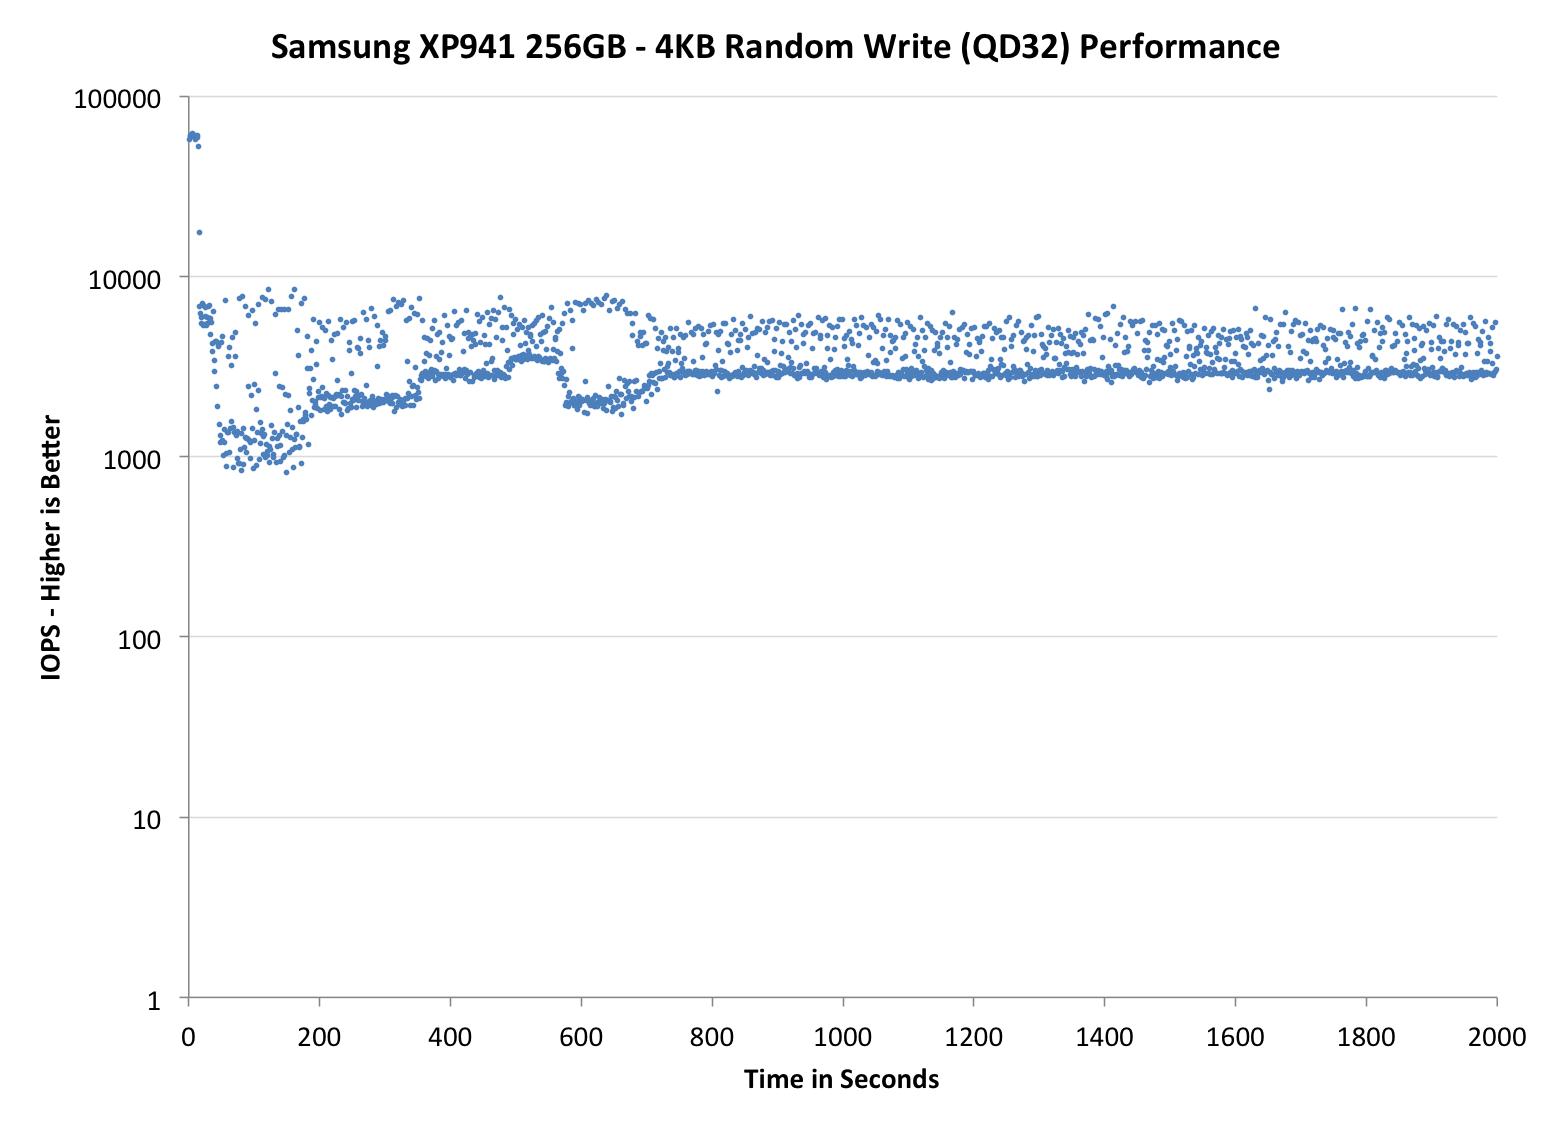 Samsung XP941 256GB